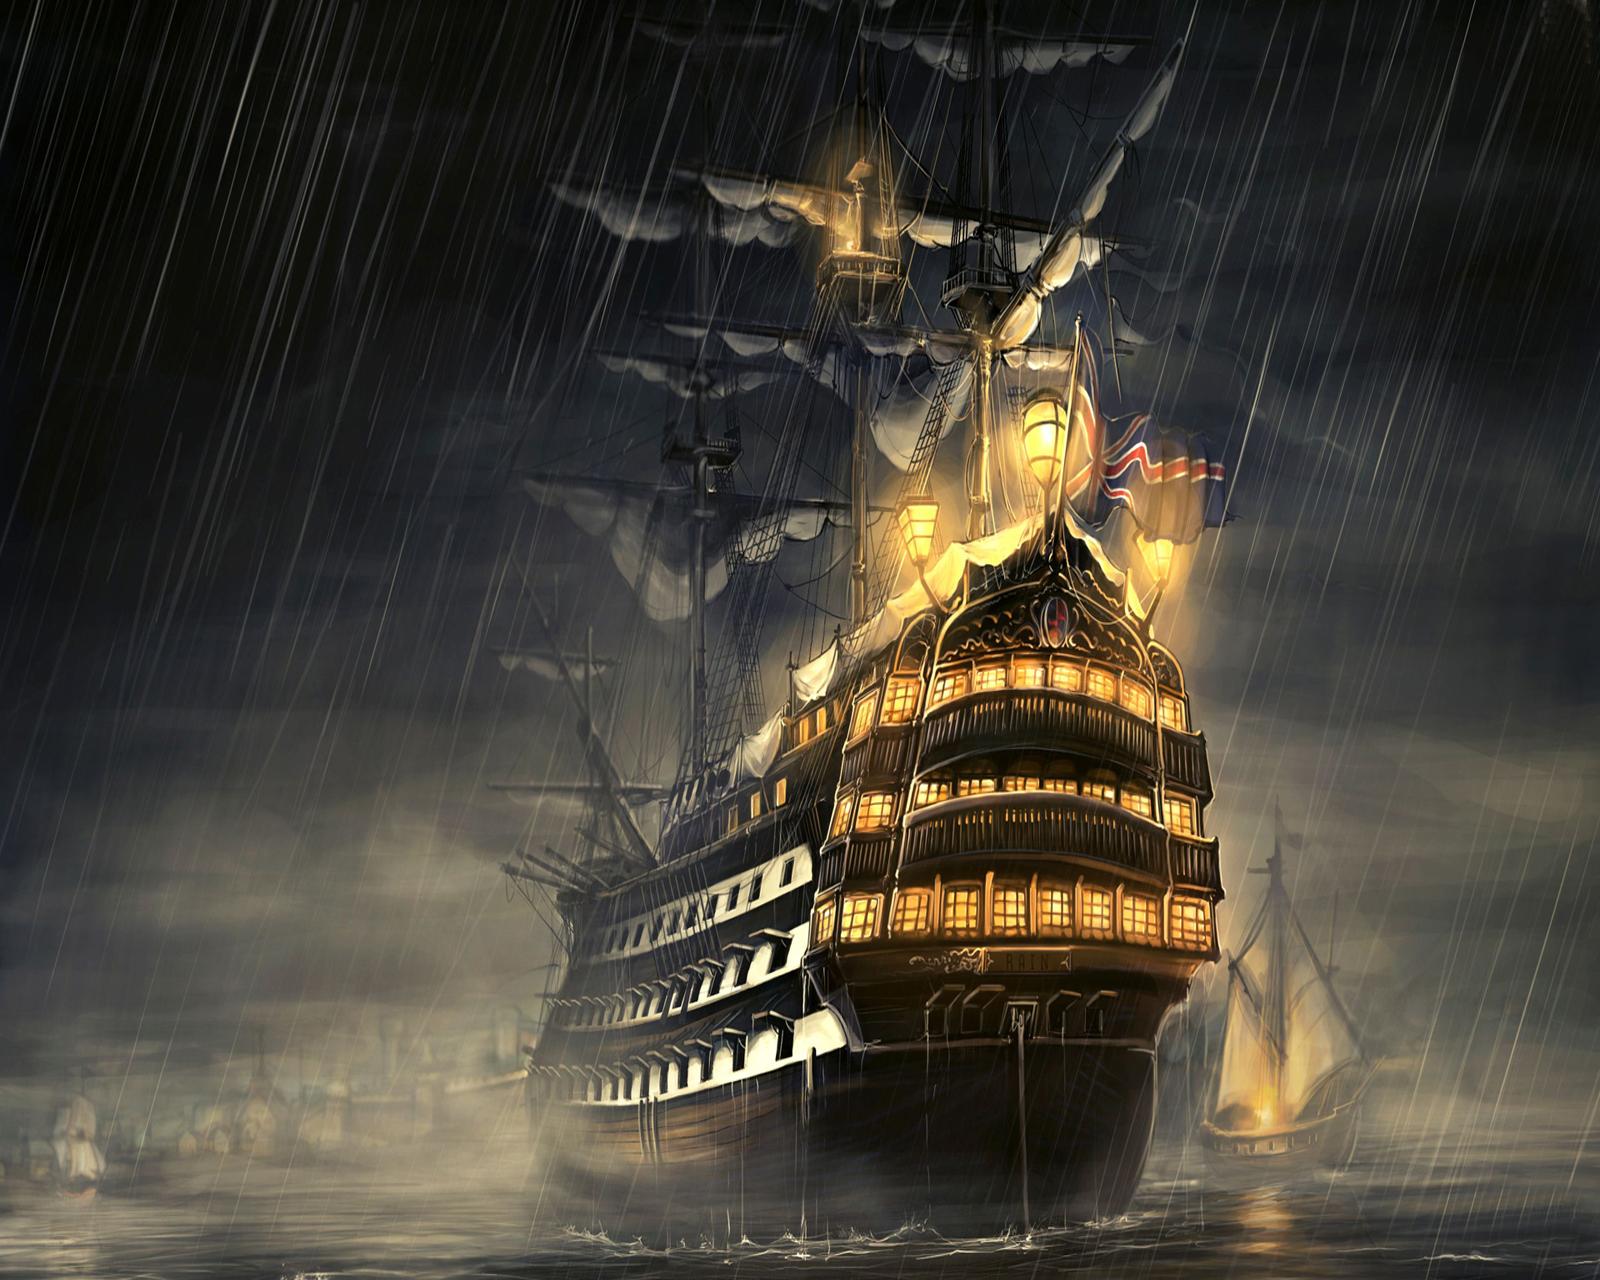 pirate ghost ship wallpaper wallpapersafari